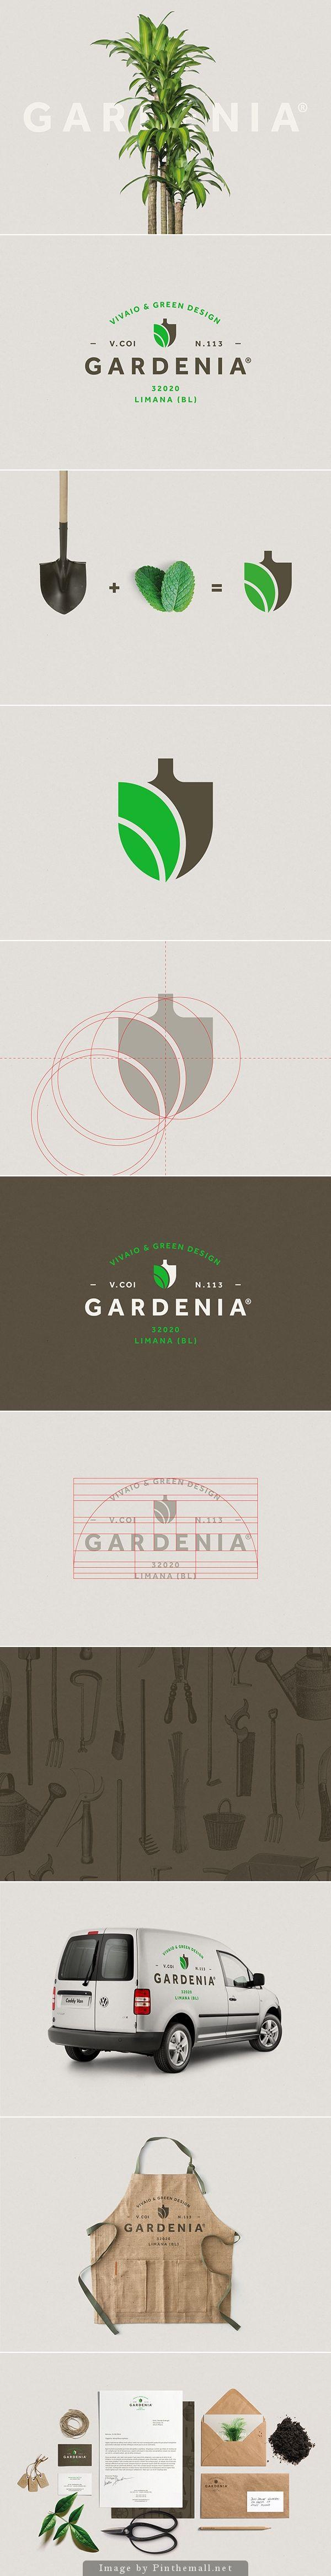 Gardenia identity by Luca Fontana